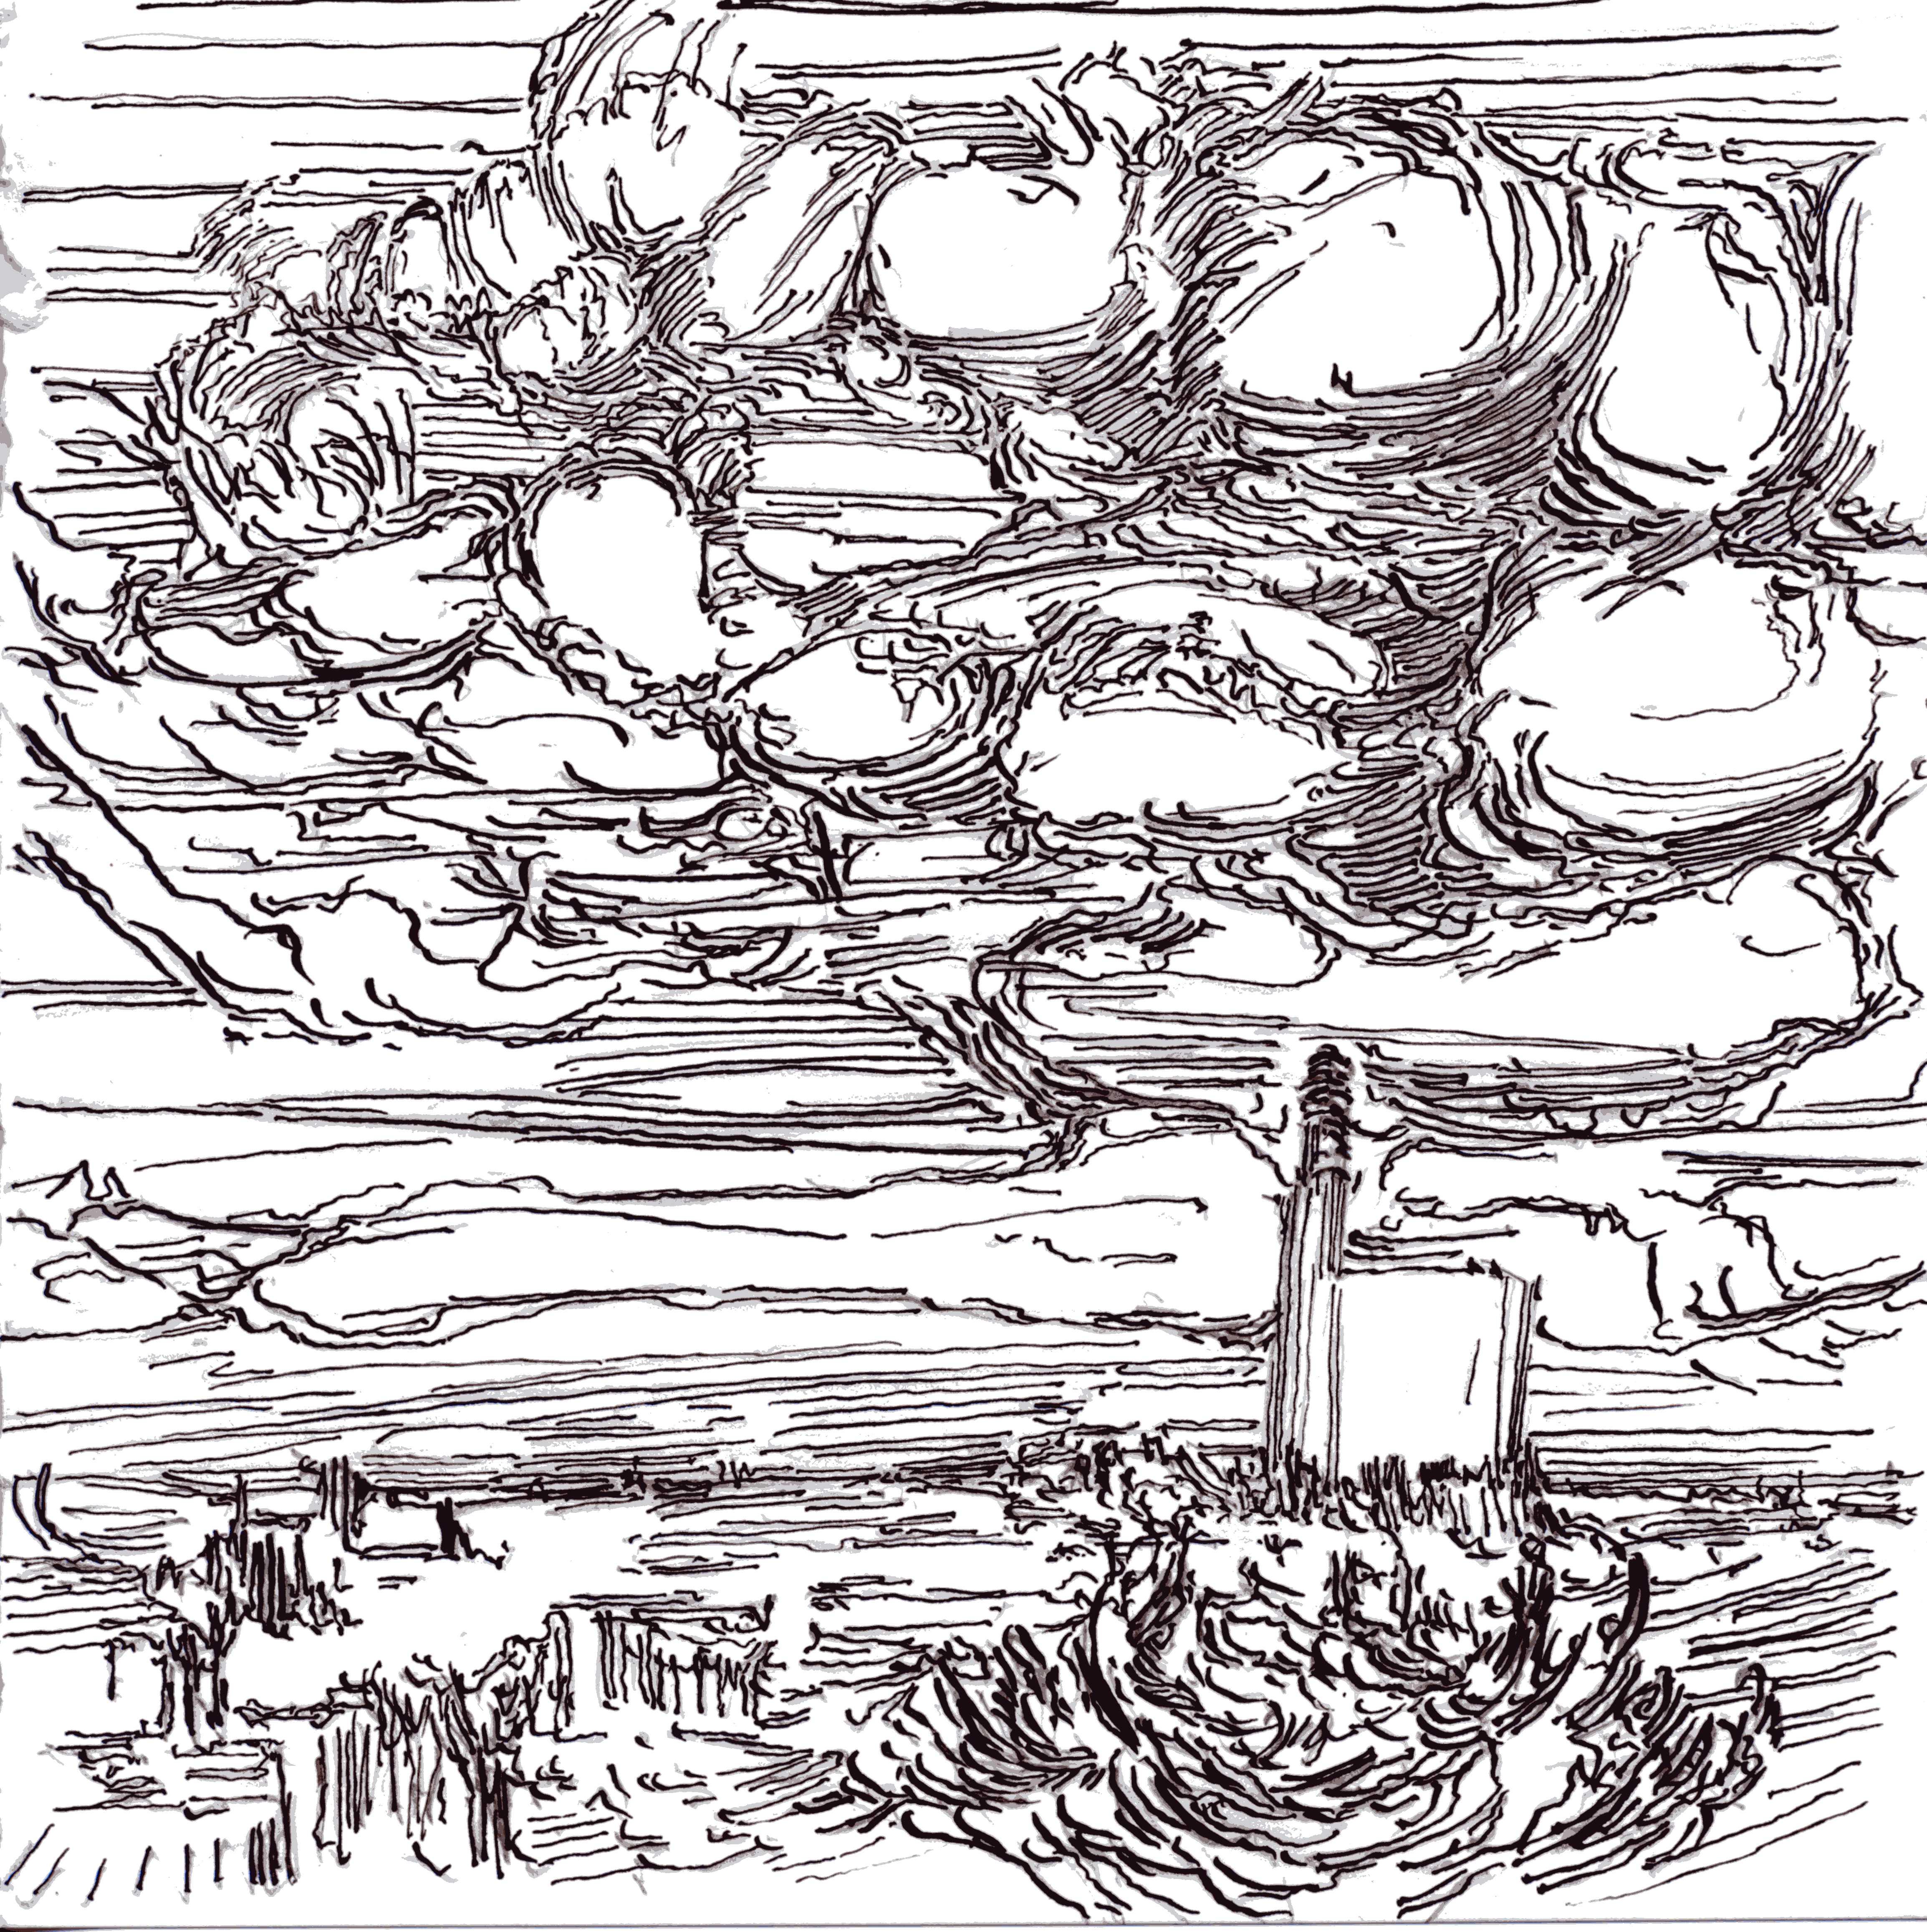 4617x4628 Drawings Landscapes Cornwall 2012 Whitemarkarts